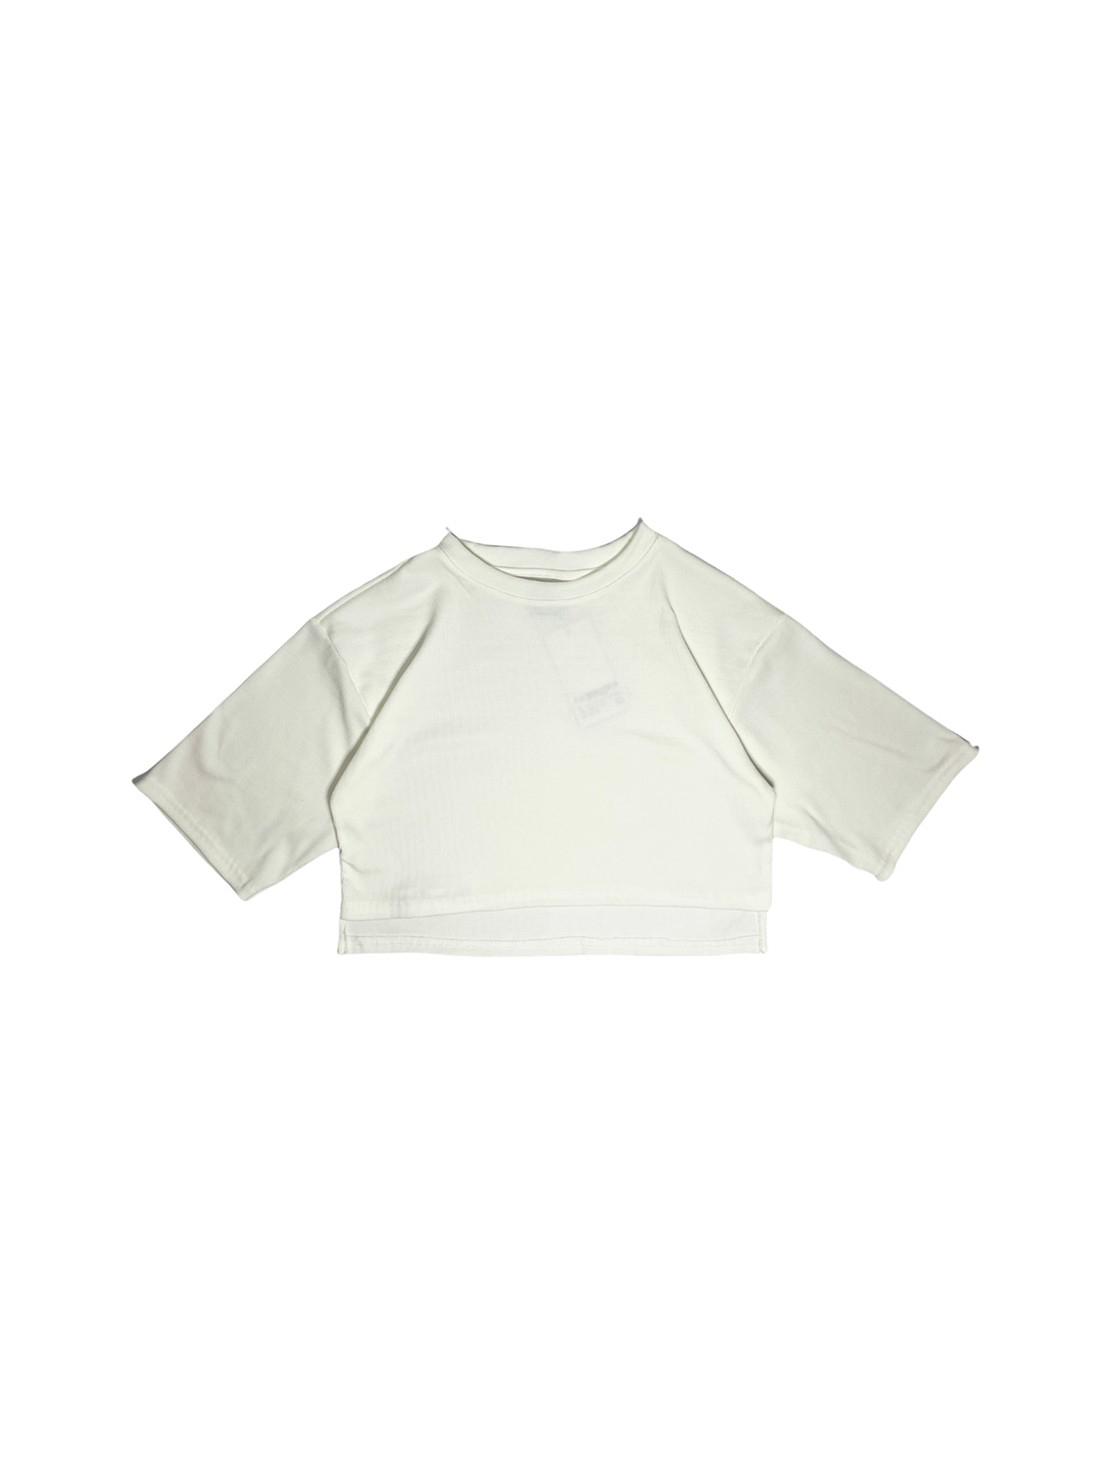 Aster (White)